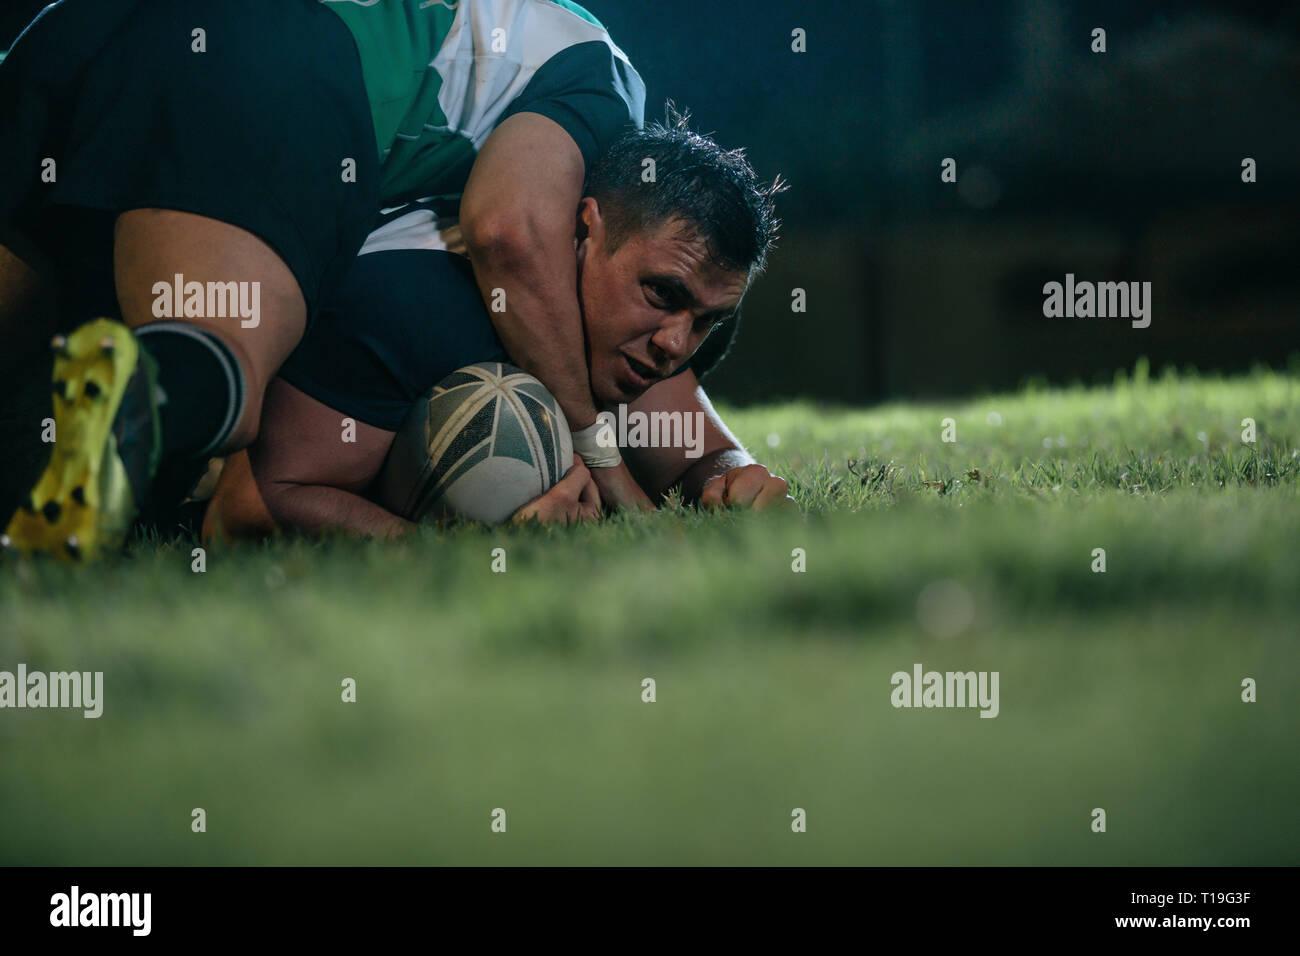 Jugador de rugby está bloqueado por los jugadores del equipo contrario. Deportes hombres pasadores abajo oponente durante el partido de rugby en la noche. Foto de stock